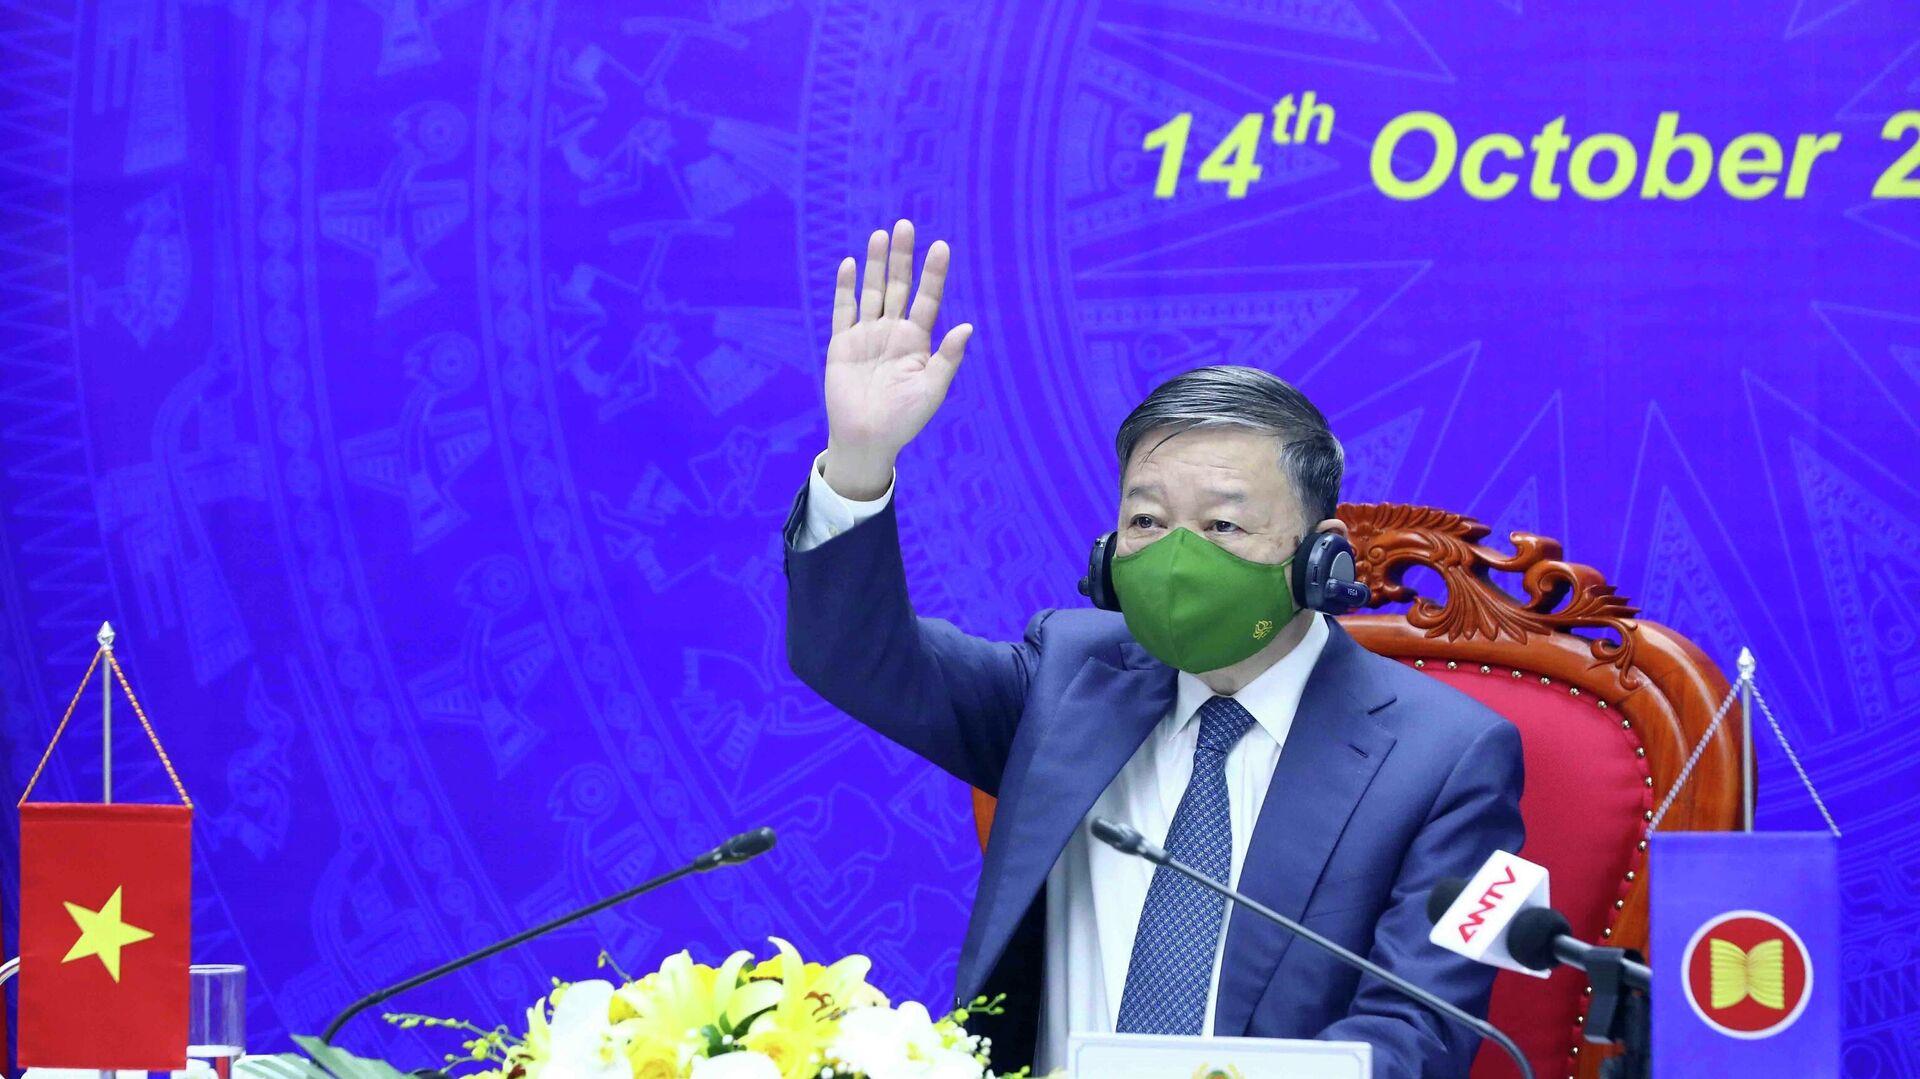 Bộ trưởng Bộ Công an Tô Lâm dự Hội nghị tại điểm cầu Hà Nội  - Sputnik Việt Nam, 1920, 14.10.2021